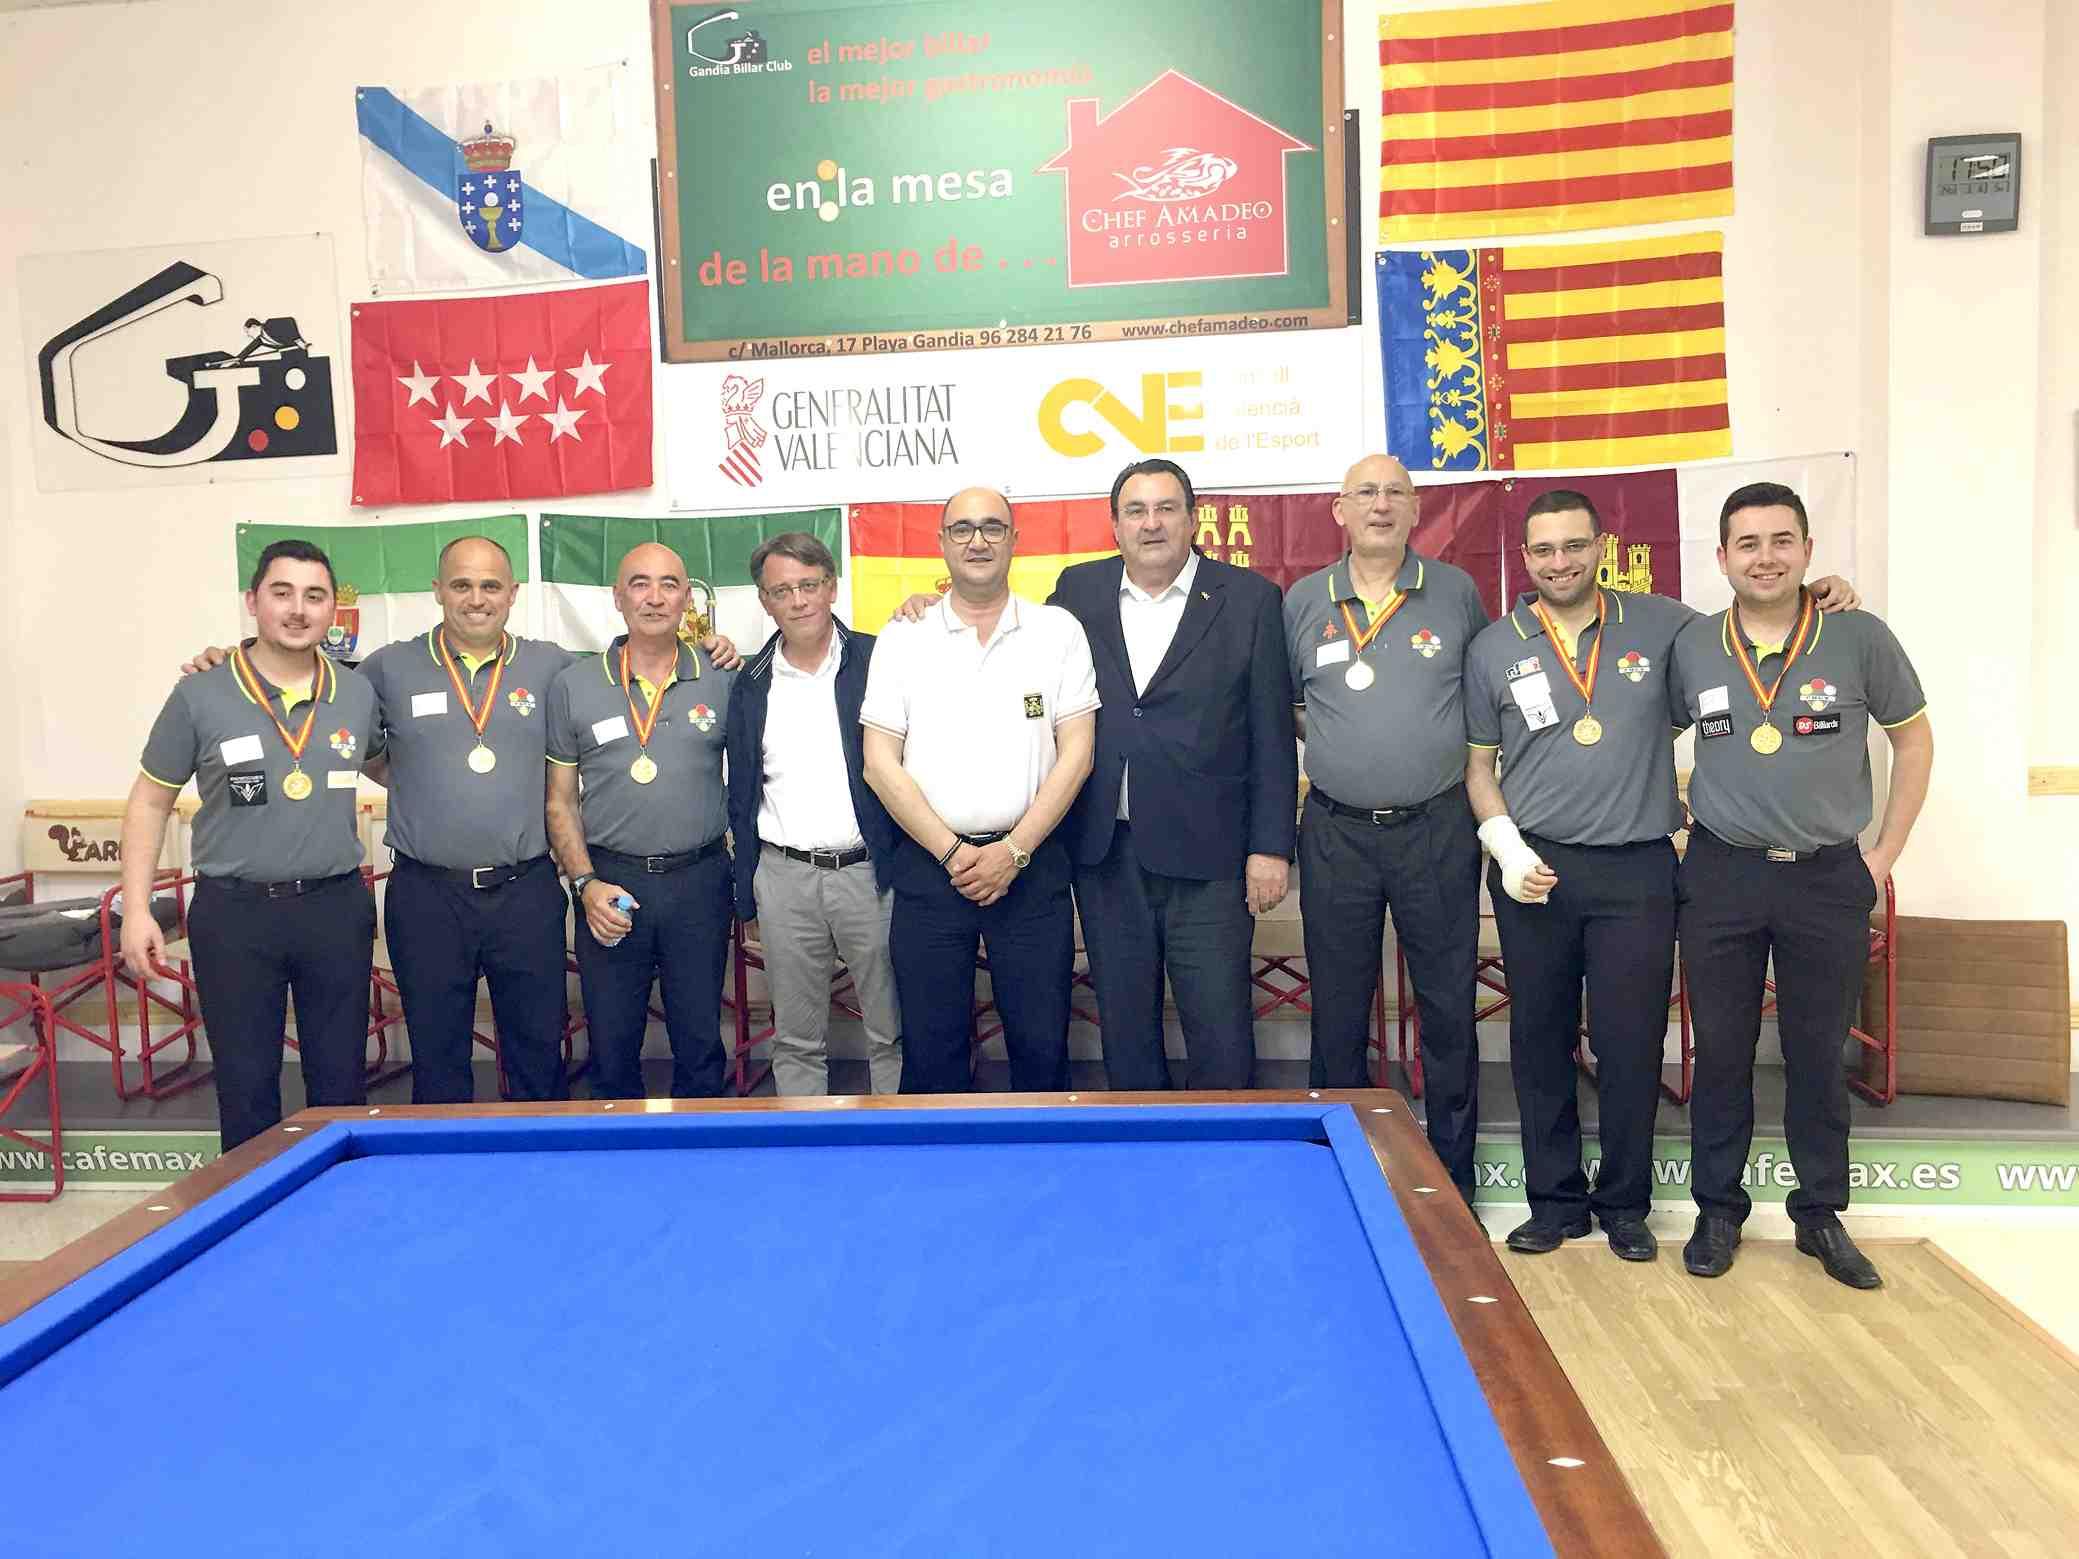 Los castallenses Jesús Rico y Andrés Carrión ganan el Campeonato de España de Billar con la Selección Valenciana